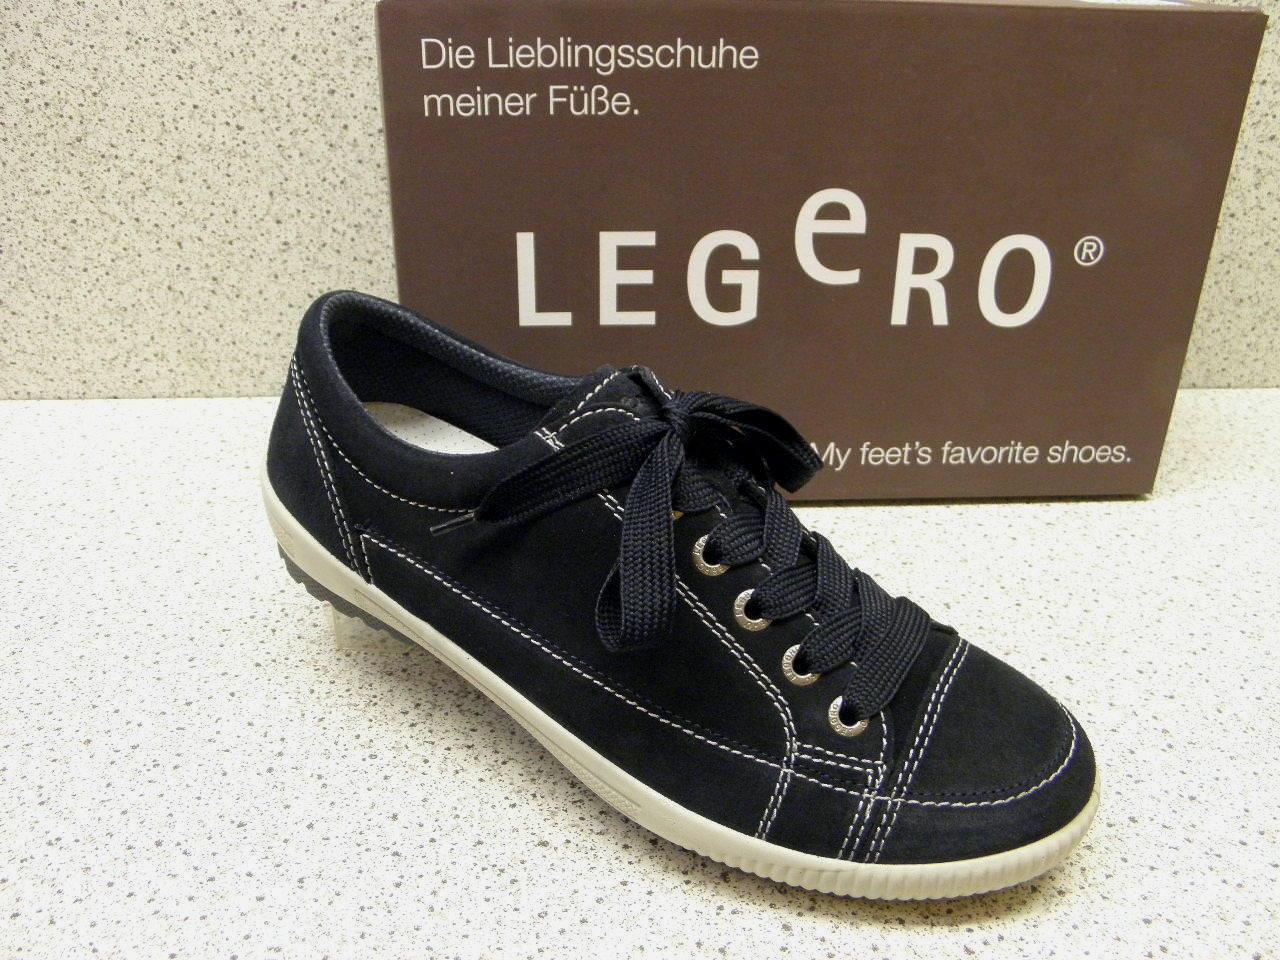 Legero ® rojouce, top precio precio precio nuevo cuero schnürschuh azul (l19)  estar en gran demanda